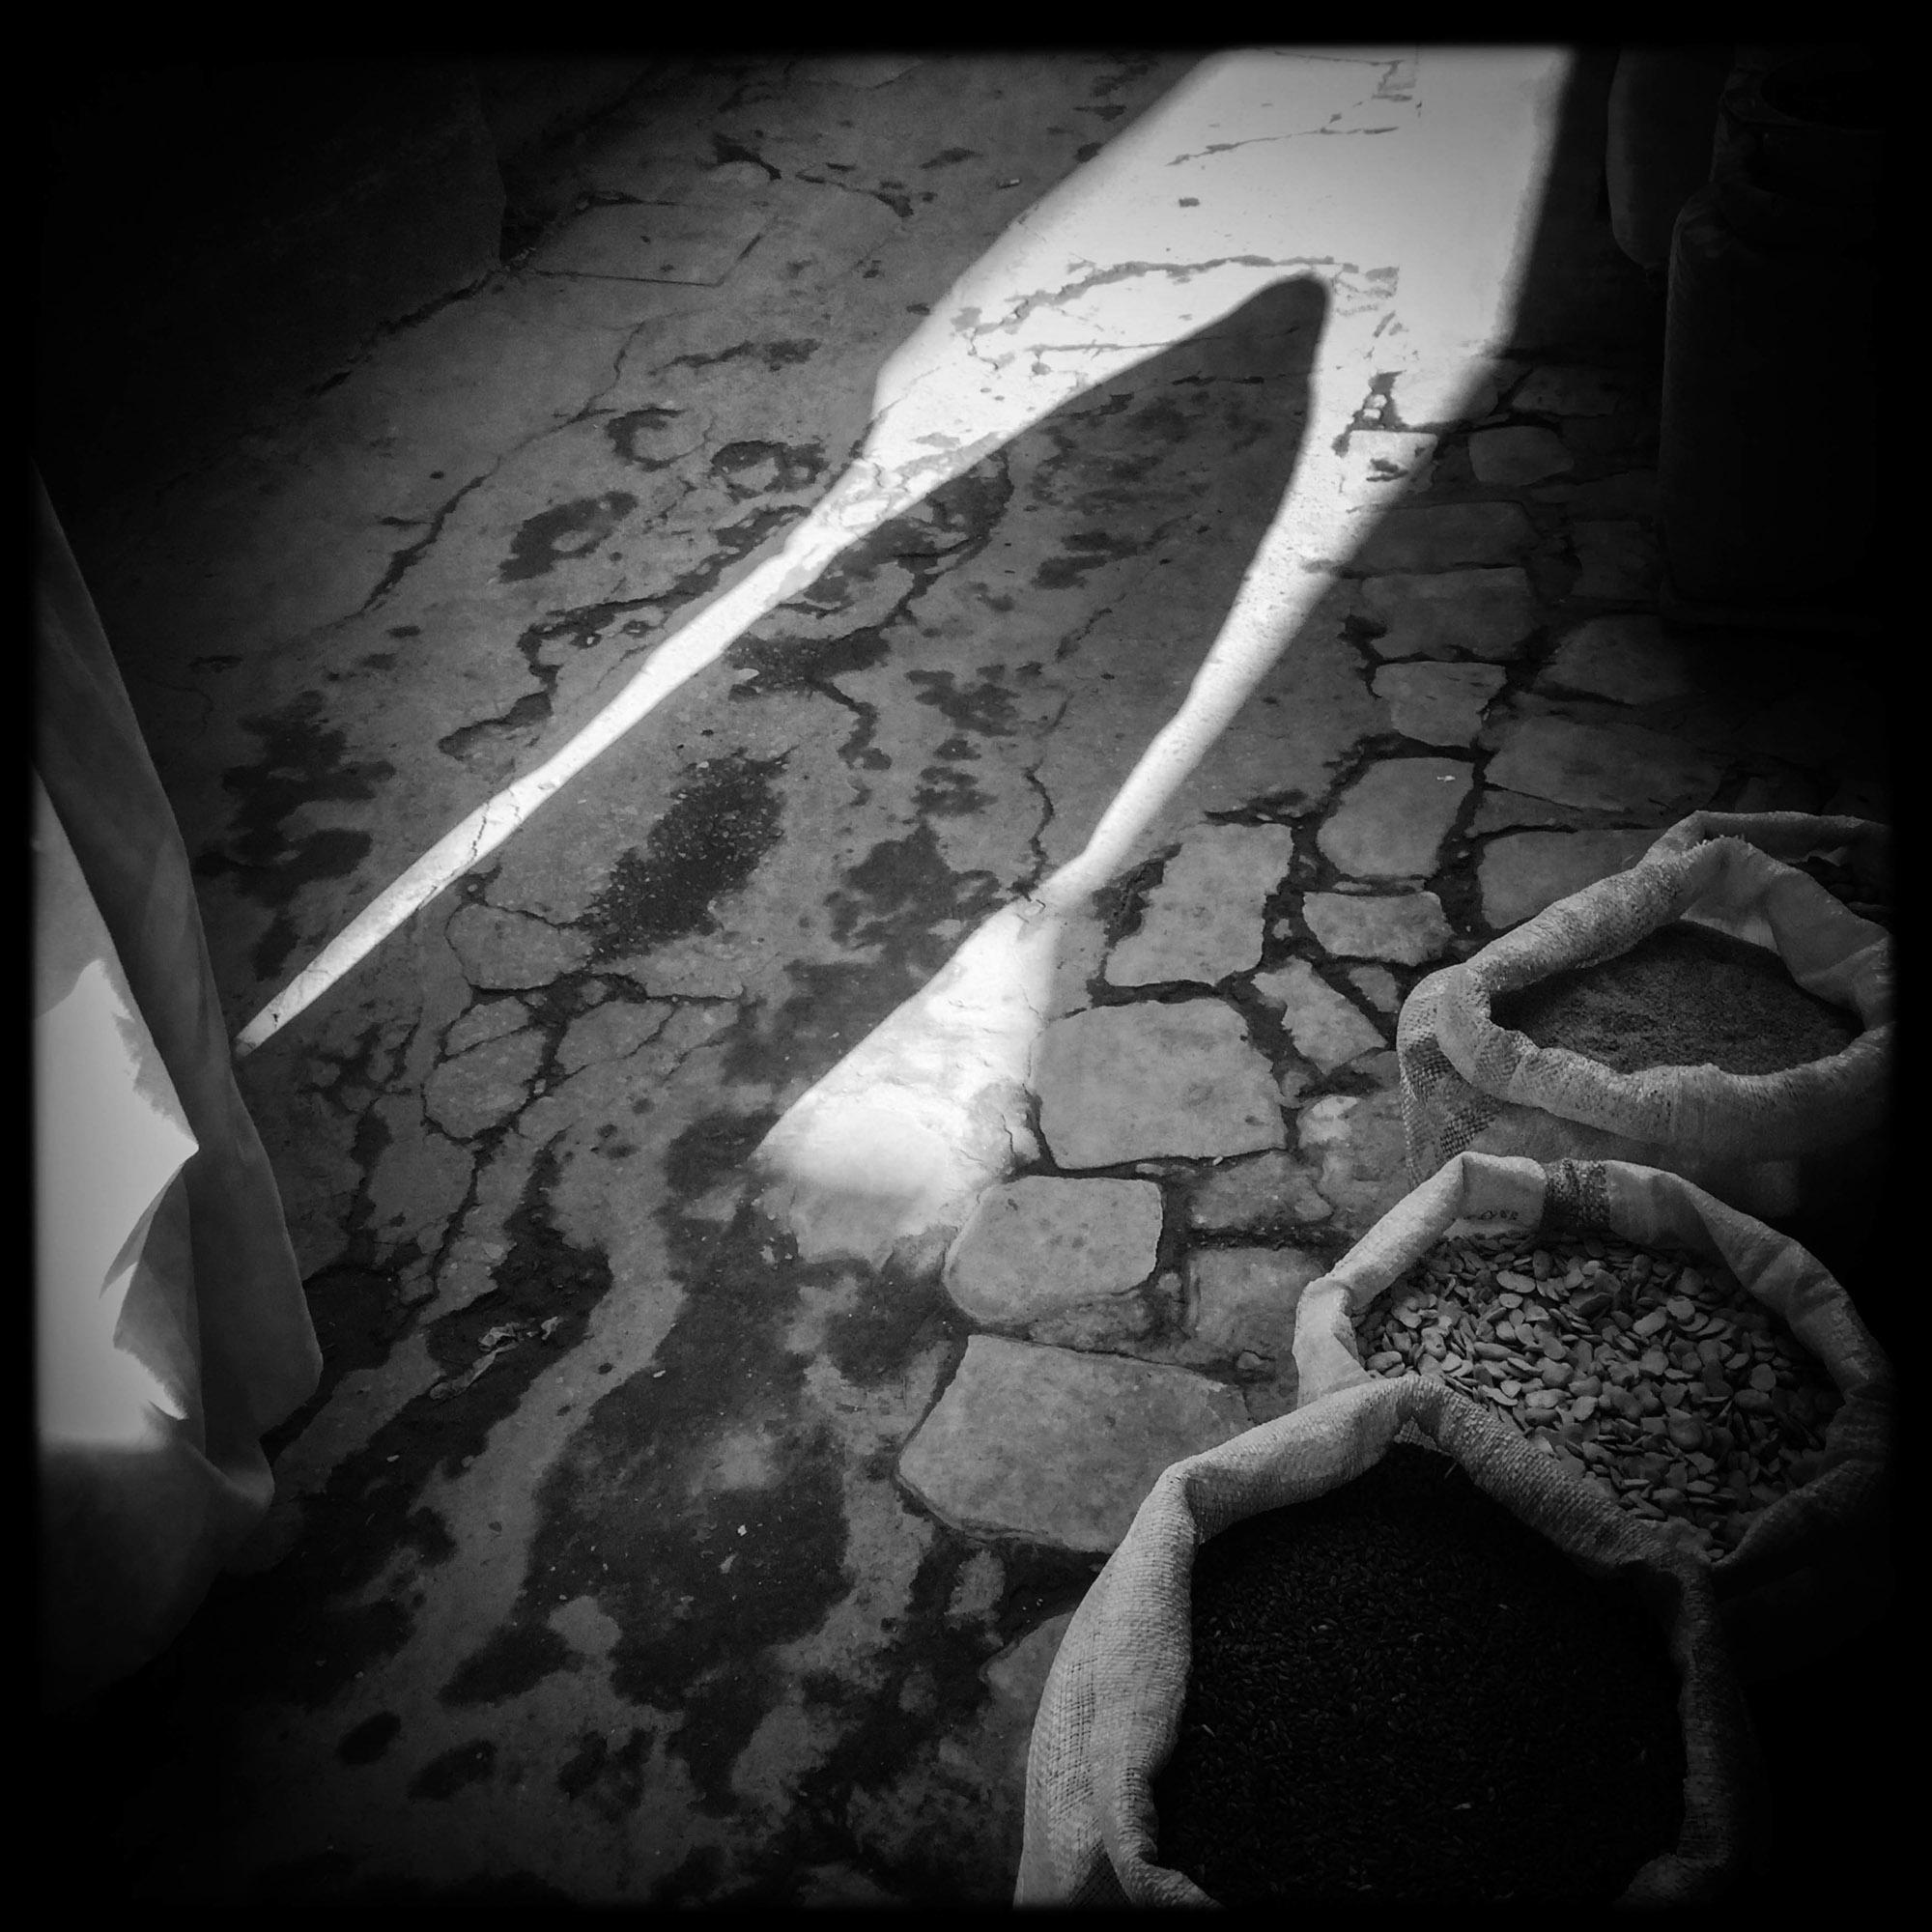 Dans une ruelle de la casbah. 8/02/2016, Ghardaïa-Algérie.